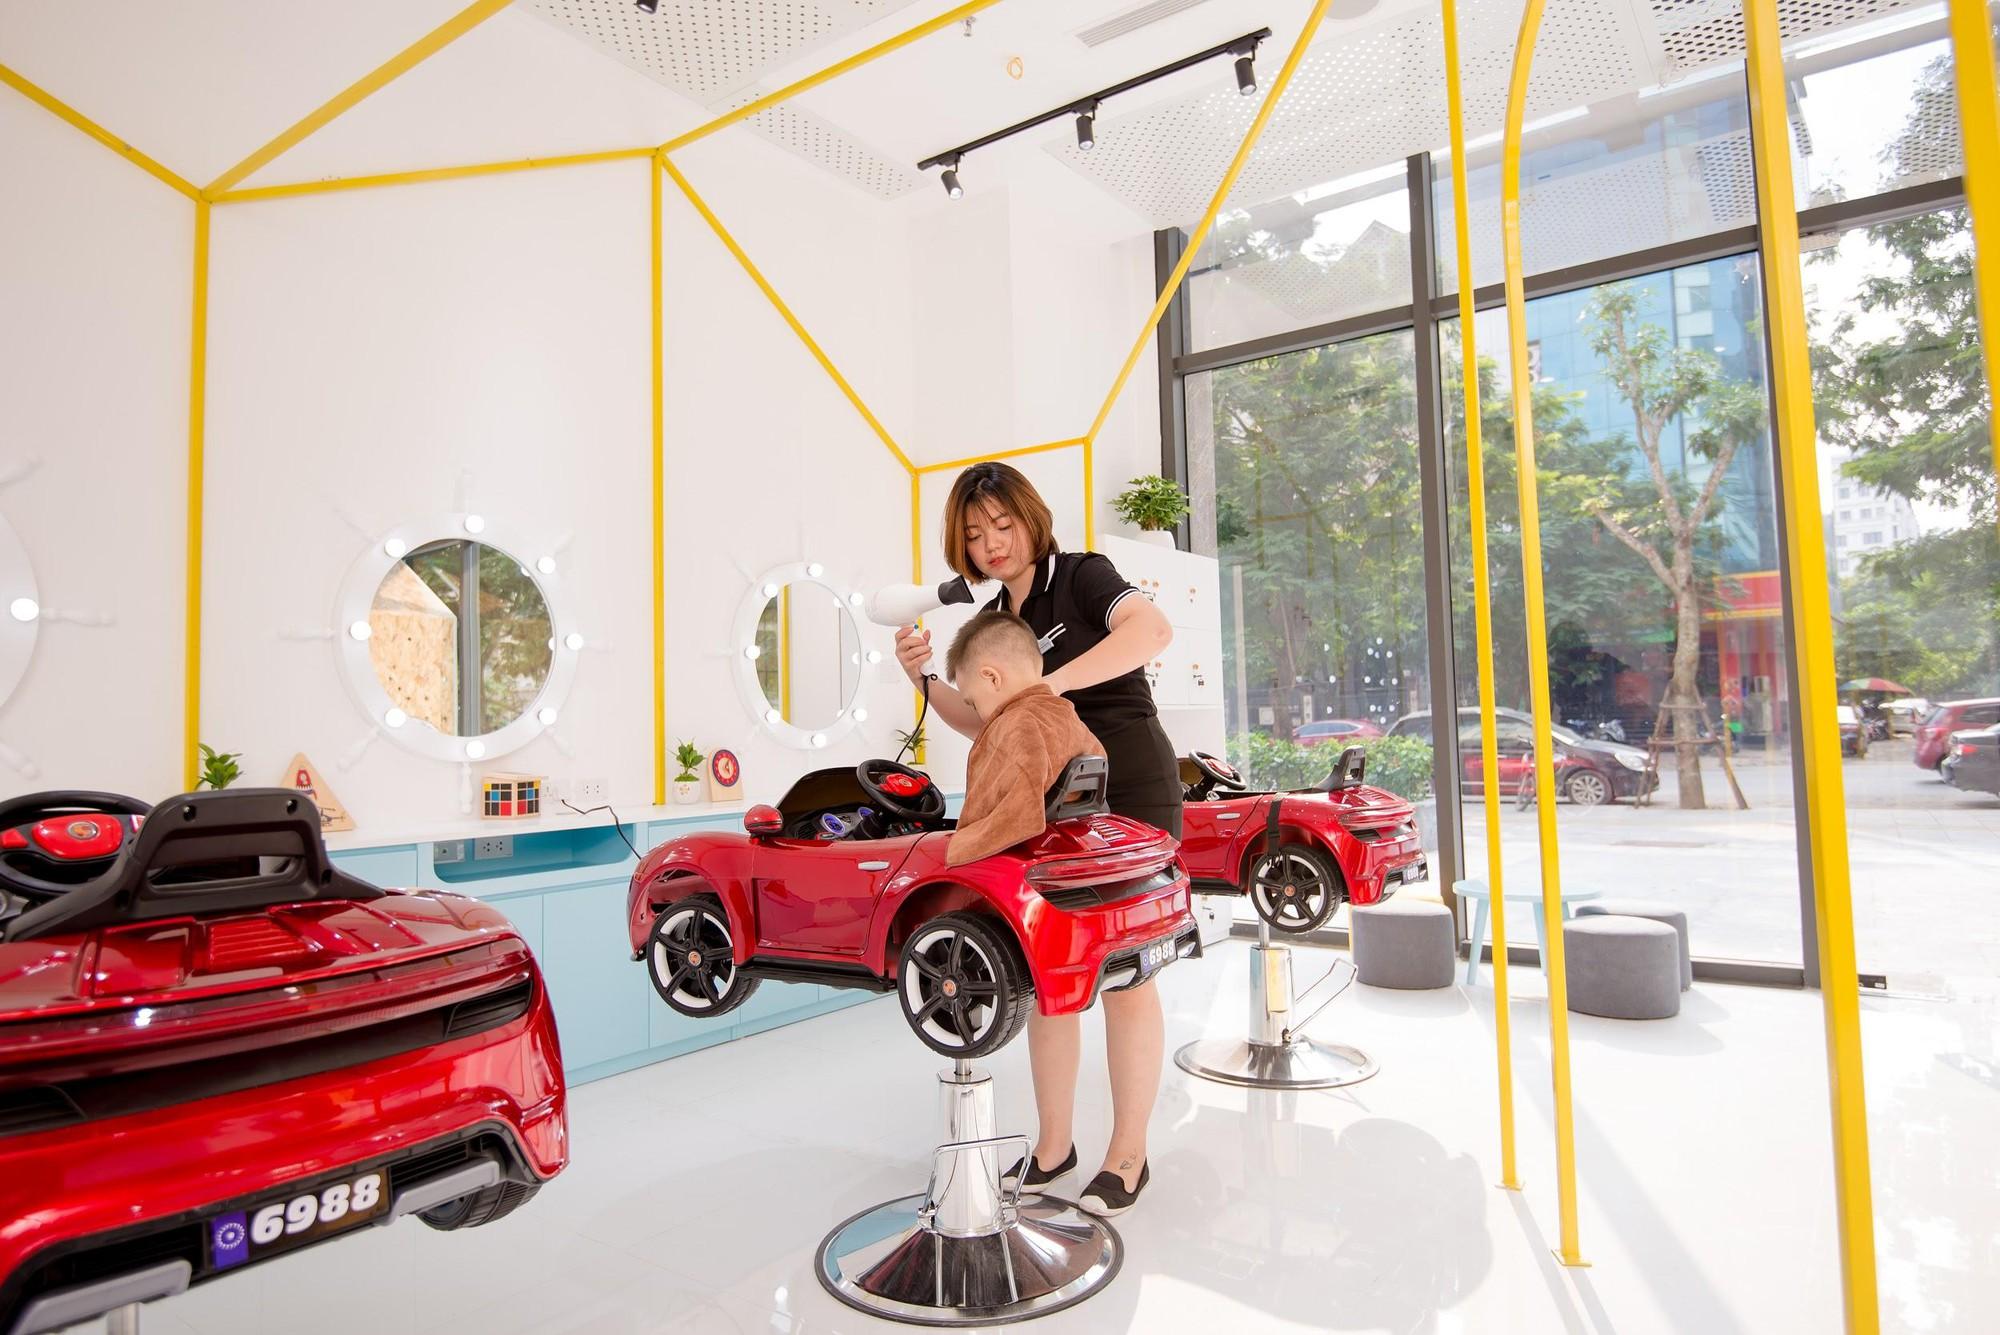 Zusso Hair Salon hút giới trẻ sành điệu Hà thành - Ảnh 10.